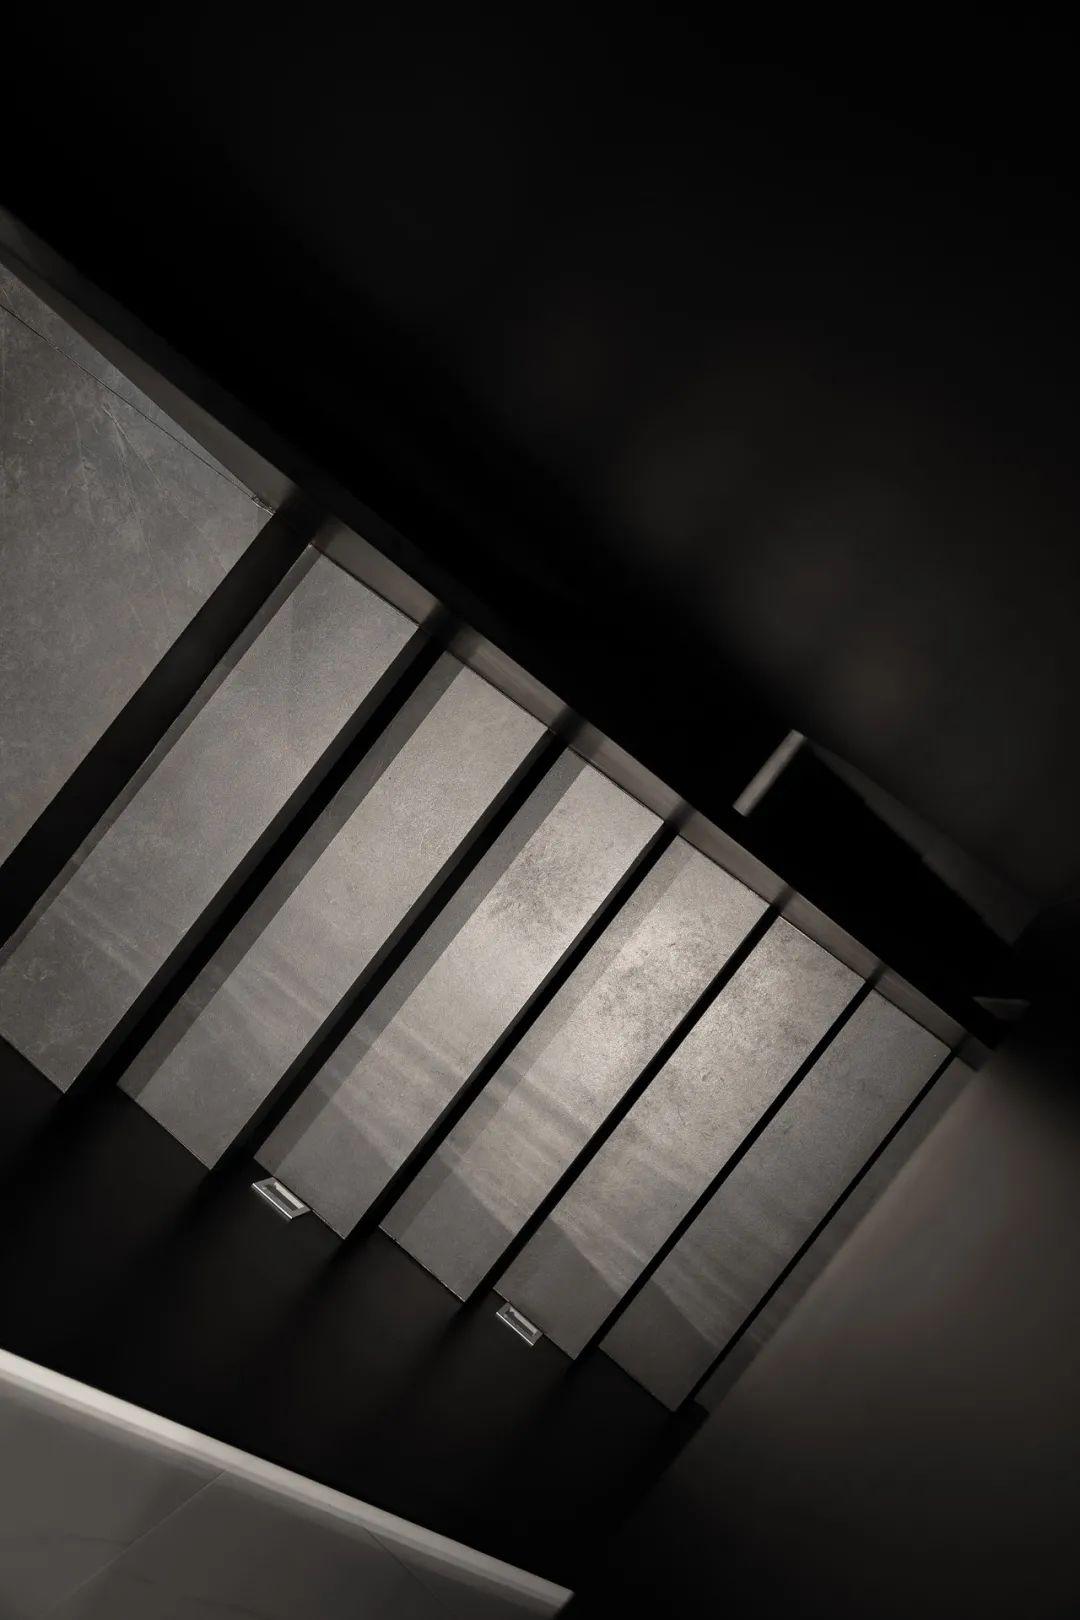 300㎡现代别墅,高级黑白配,意韵端庄美,安静雅致的档次